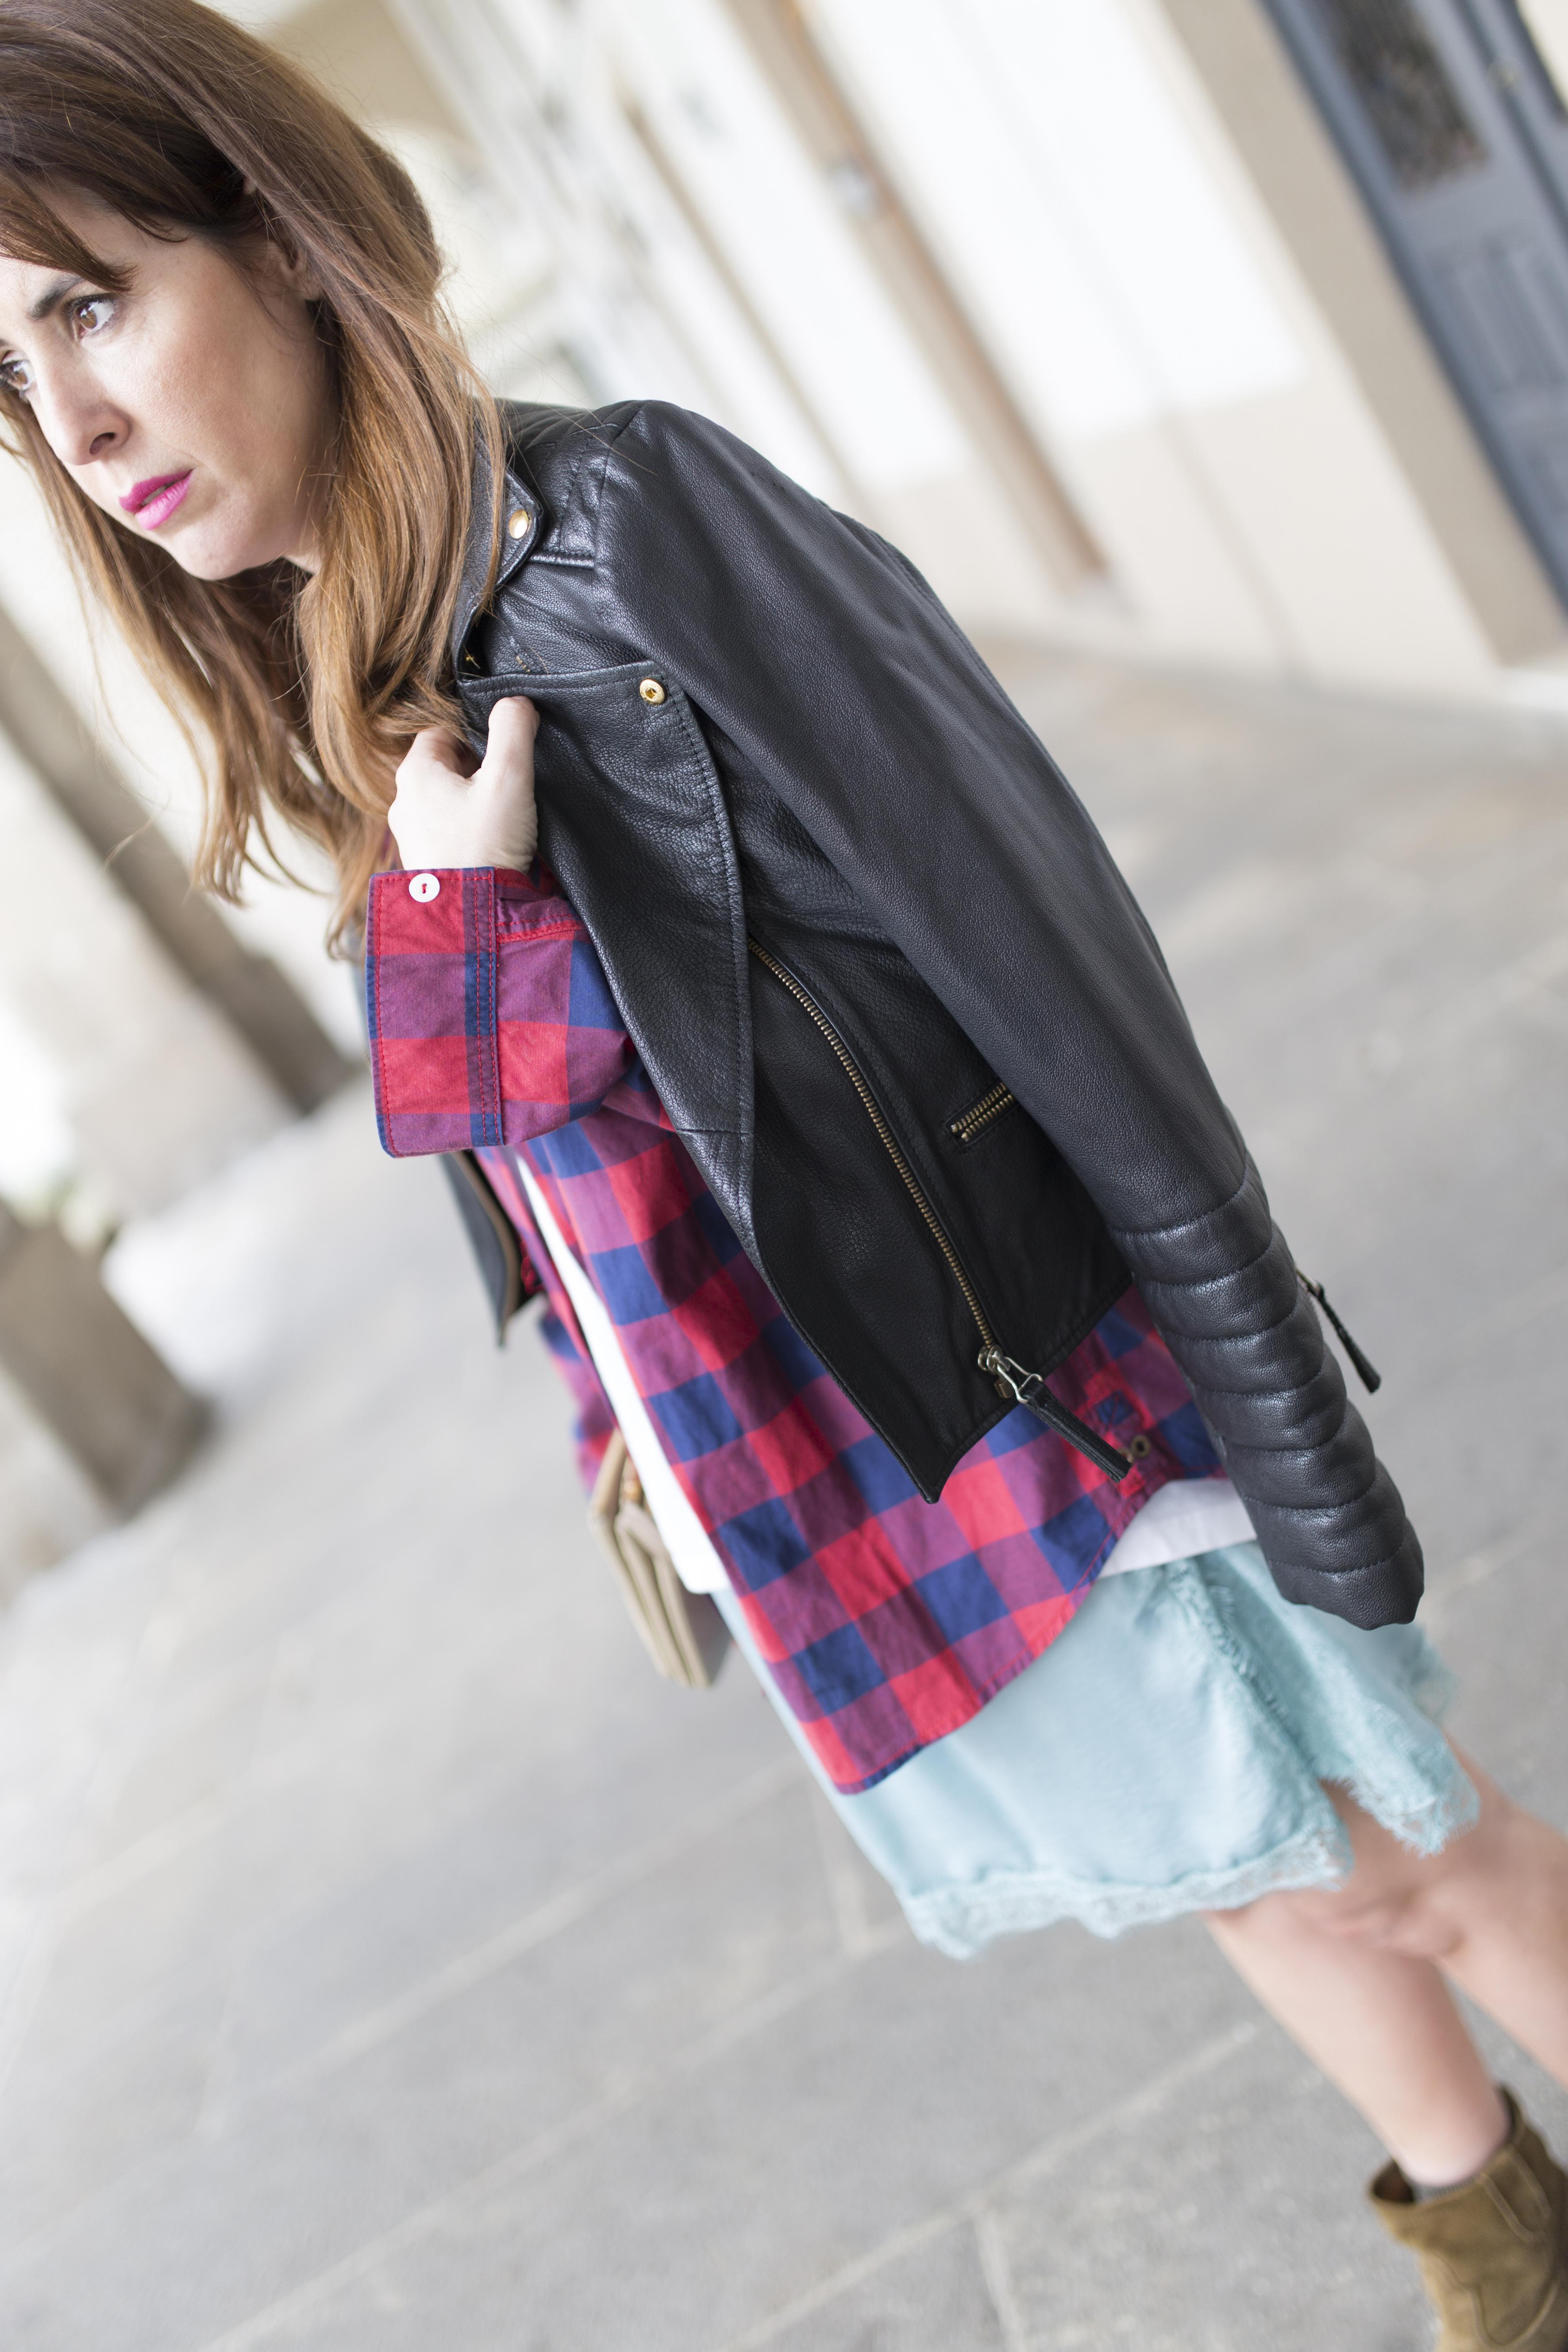 moda-calle-zara-perfecto-streetstyle-coruña-boots-blogger-fashion-descalzaporelparque